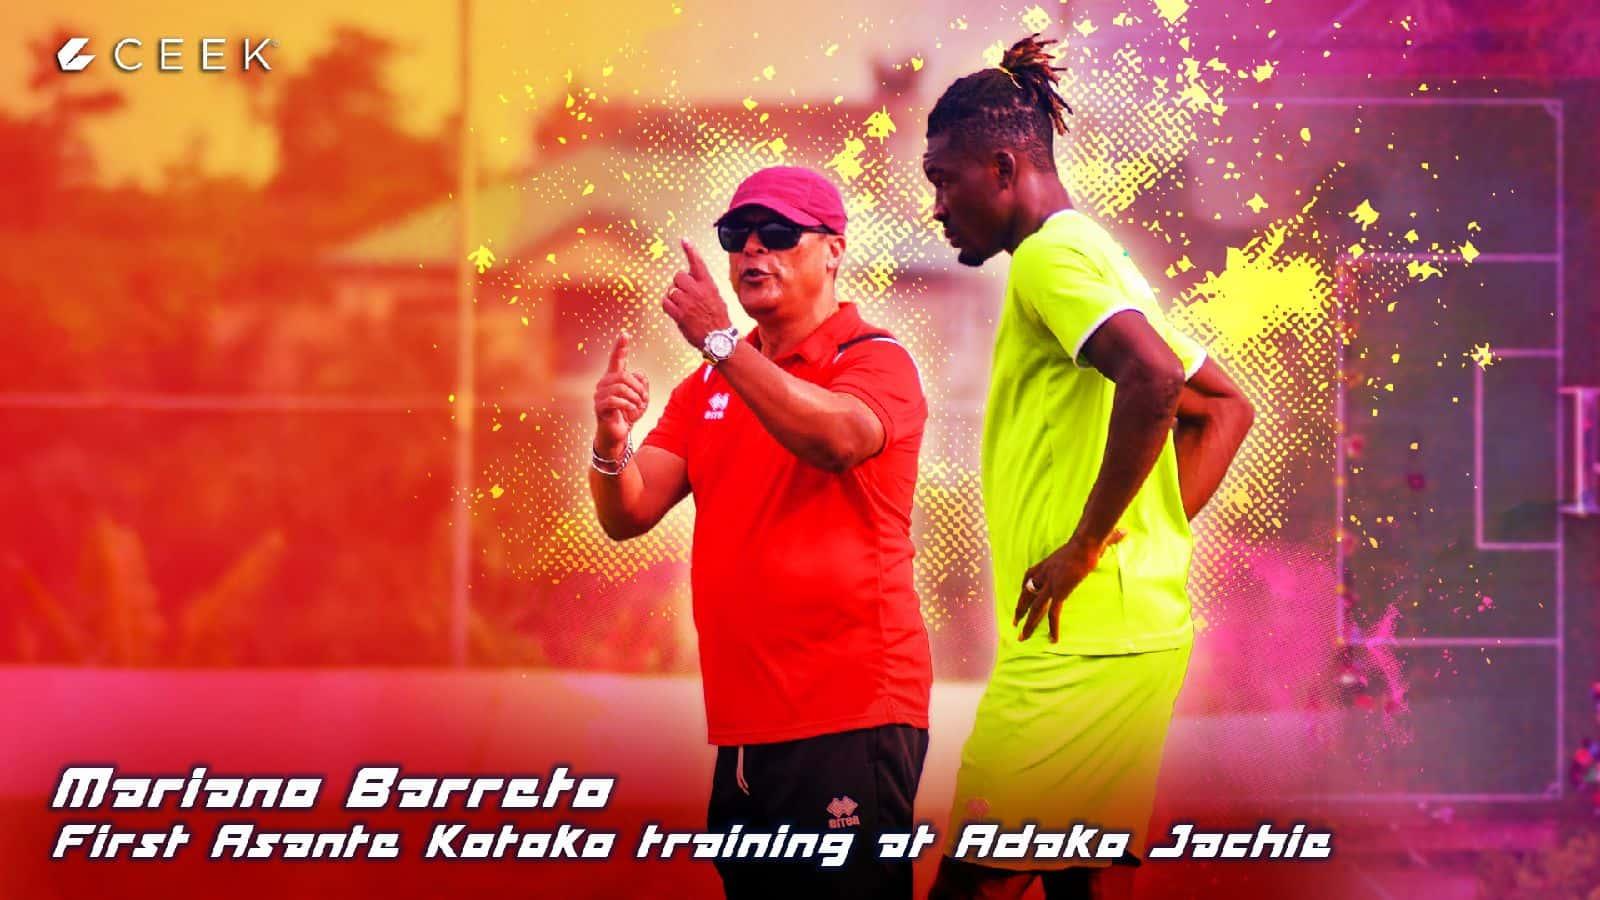 Mariano Barreto: First Asante Kotoko training at Adako Jachie